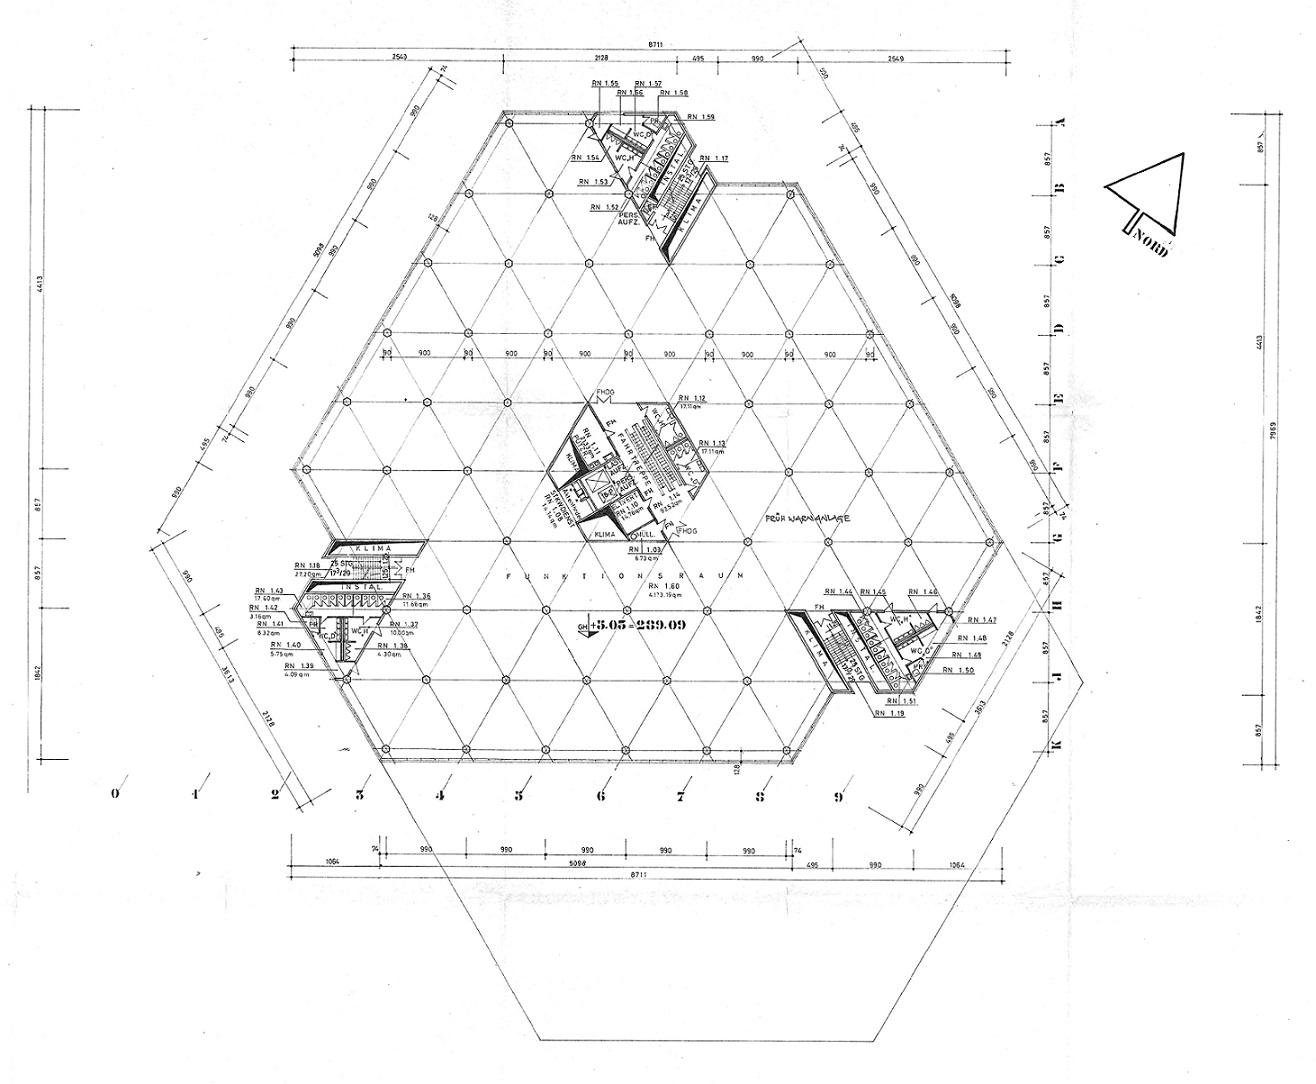 Grundriss des 1. Obergeschosses von 1970 (Ebene 10) (Bild: Deutsche Rentenversicherung Baden-Württemberg)